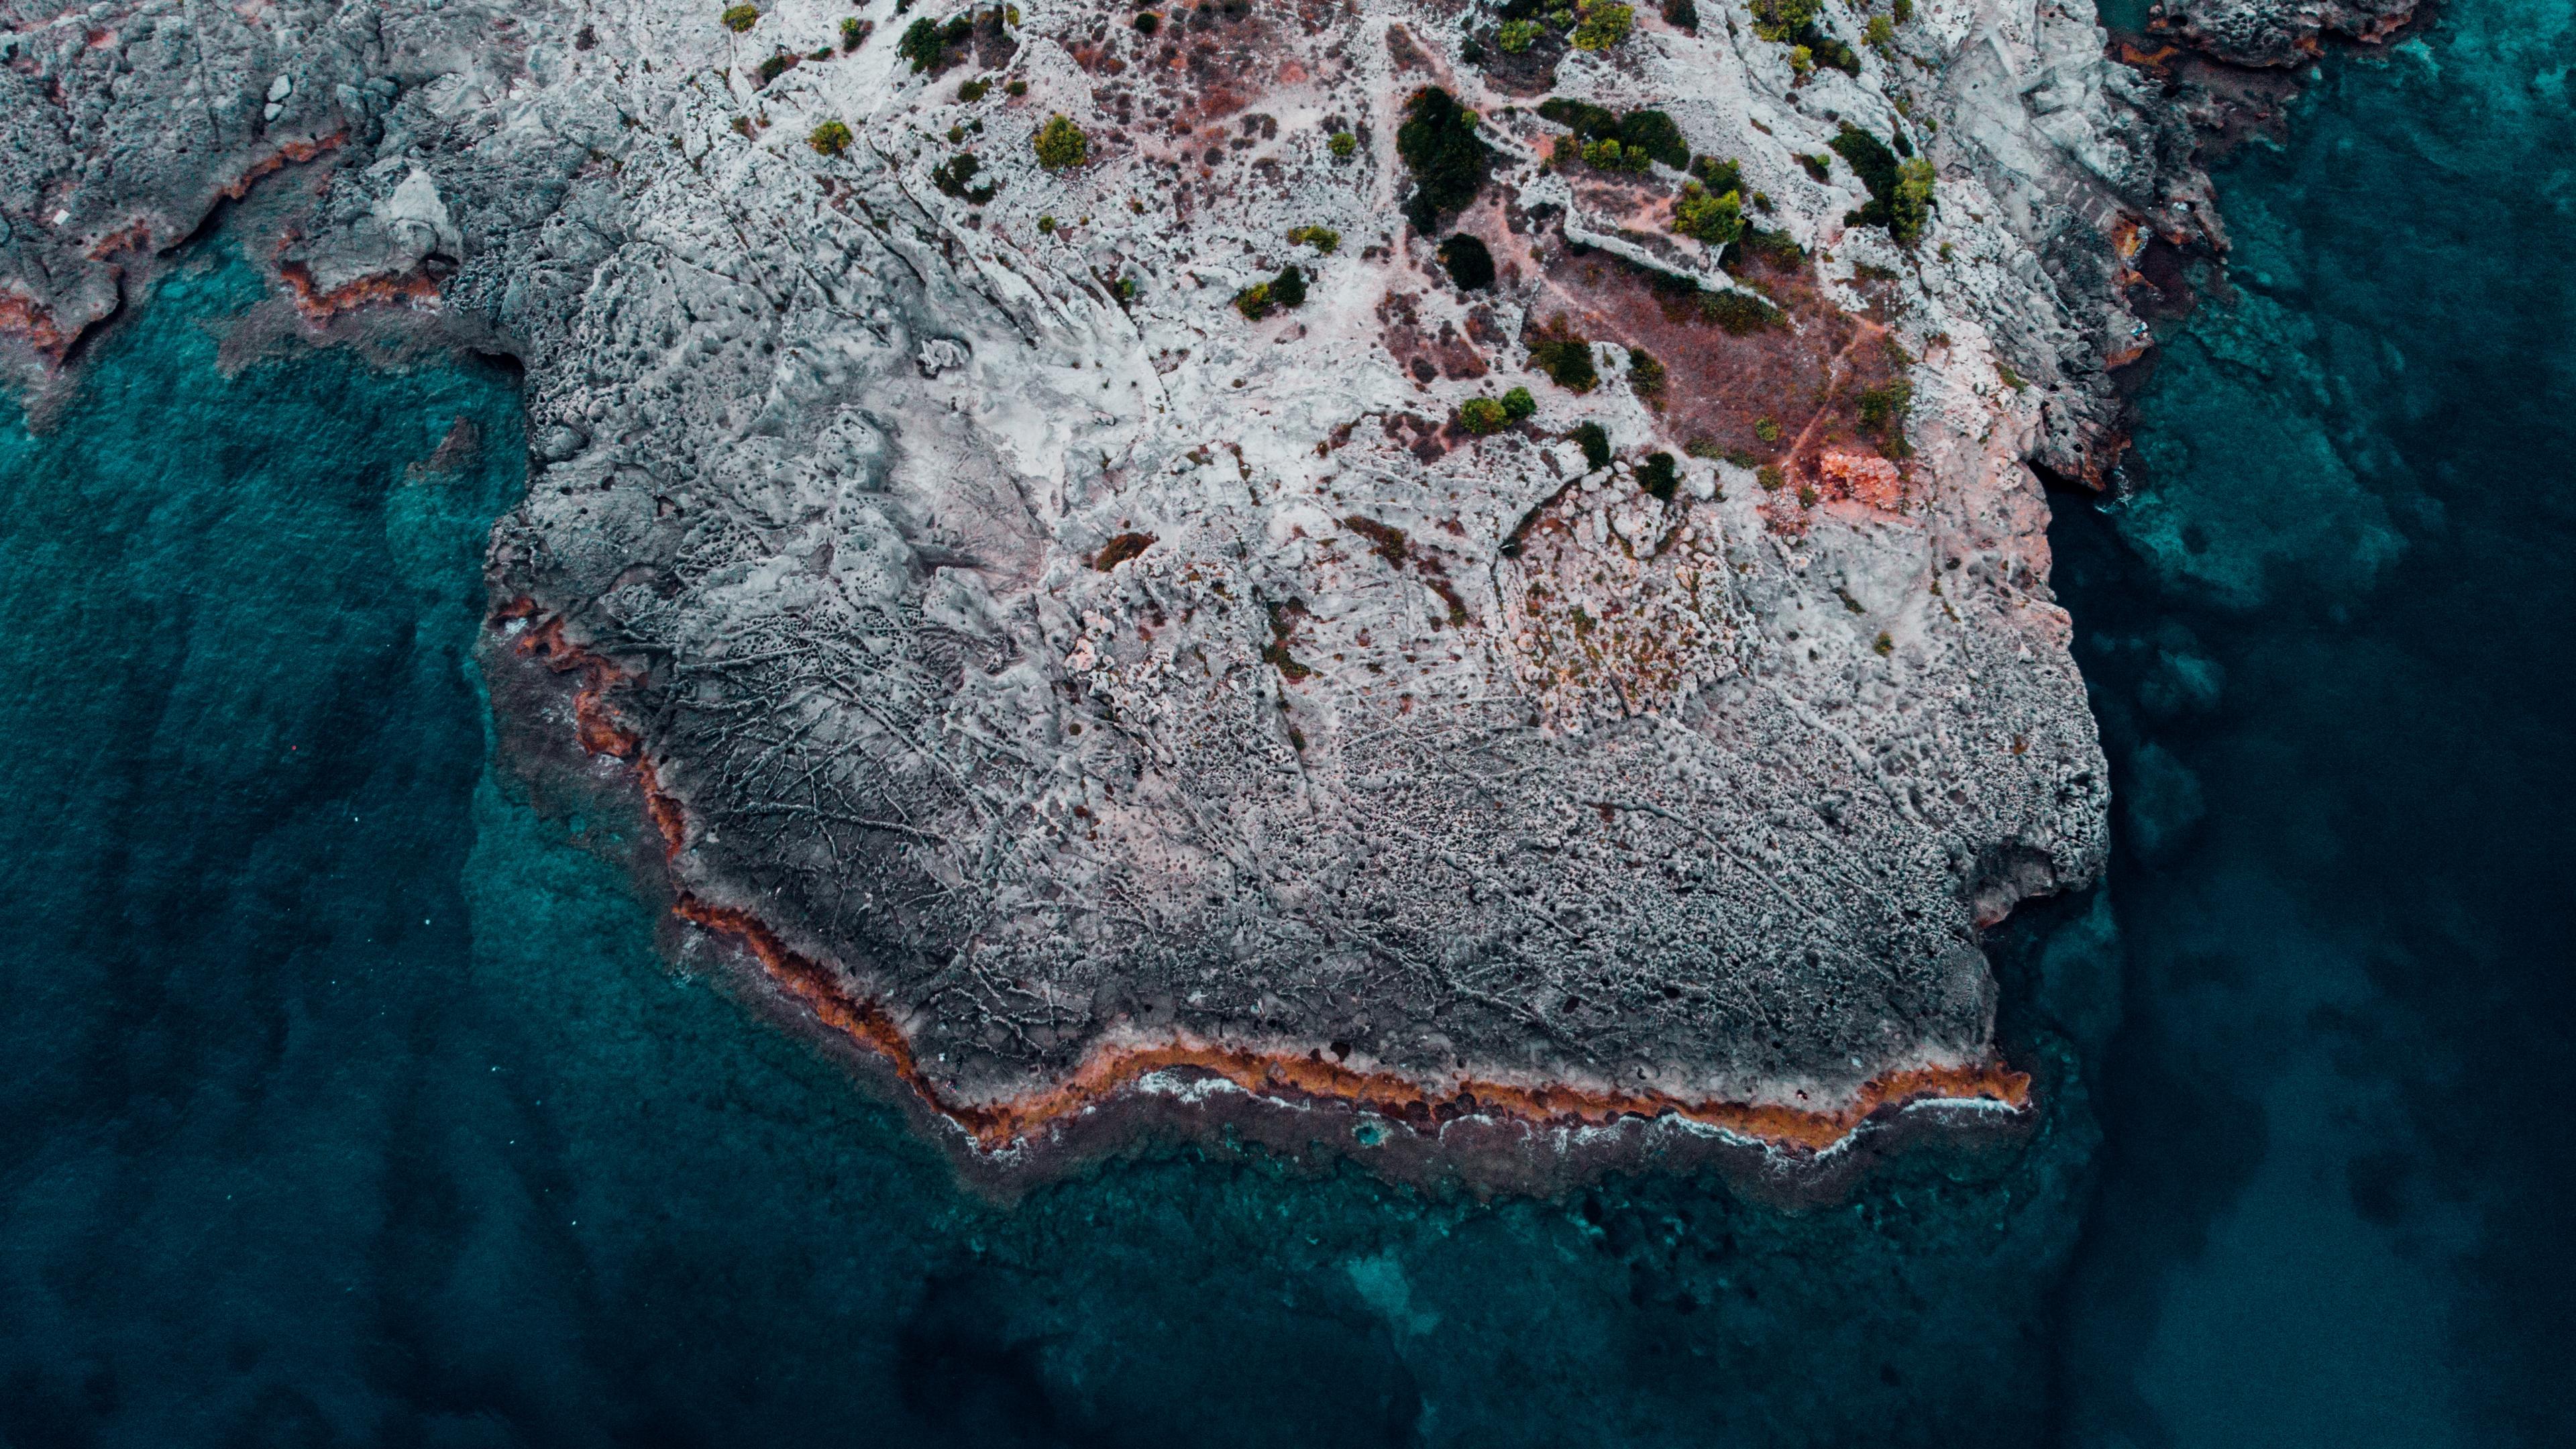 Wallpaper 4k ocean shore aerial view water stones 4k aerial 3840x2160